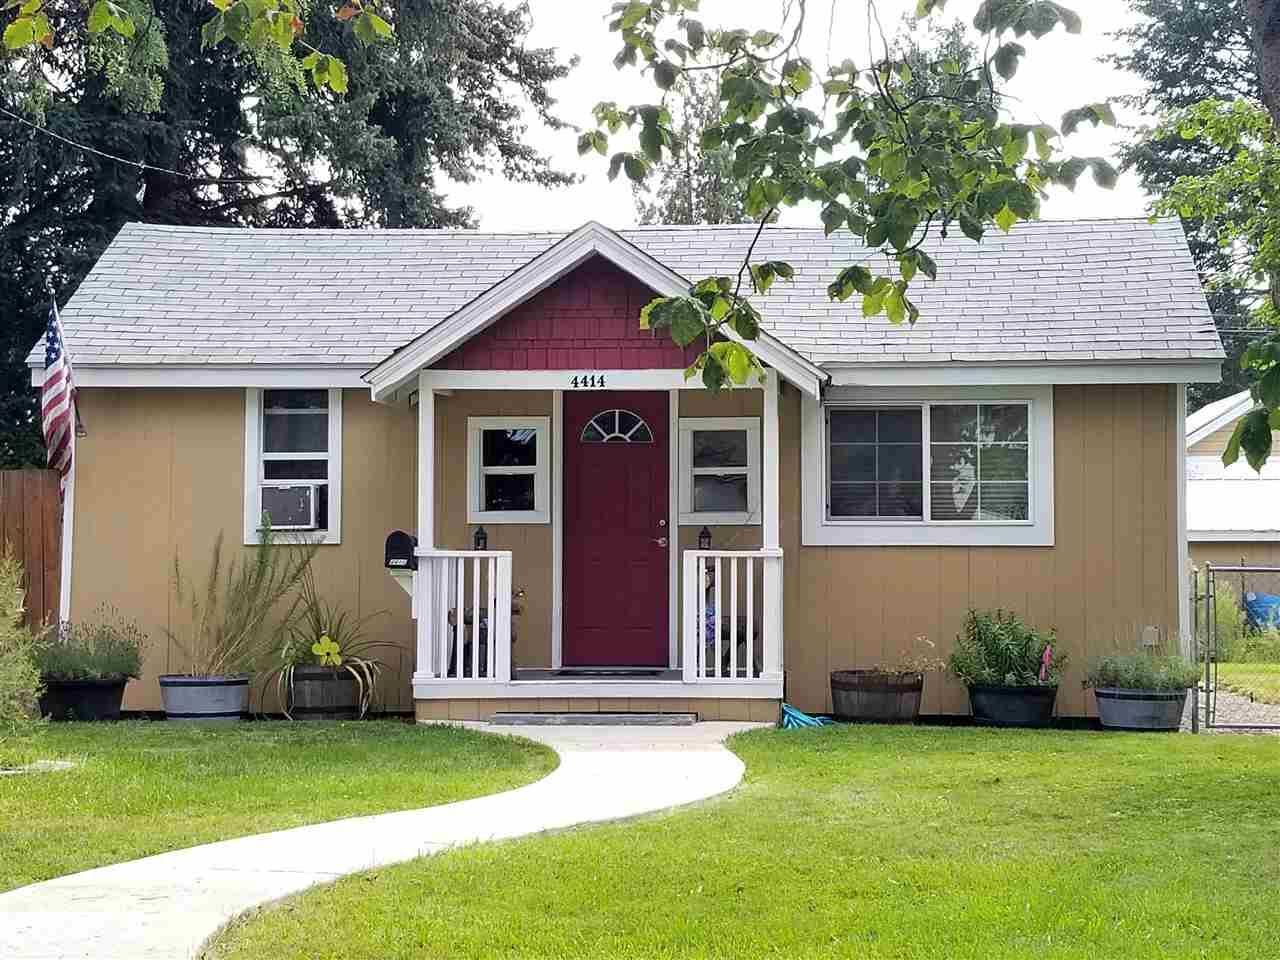 4414 N Post St, Spokane, WA 99205-1158 - #: 202020336